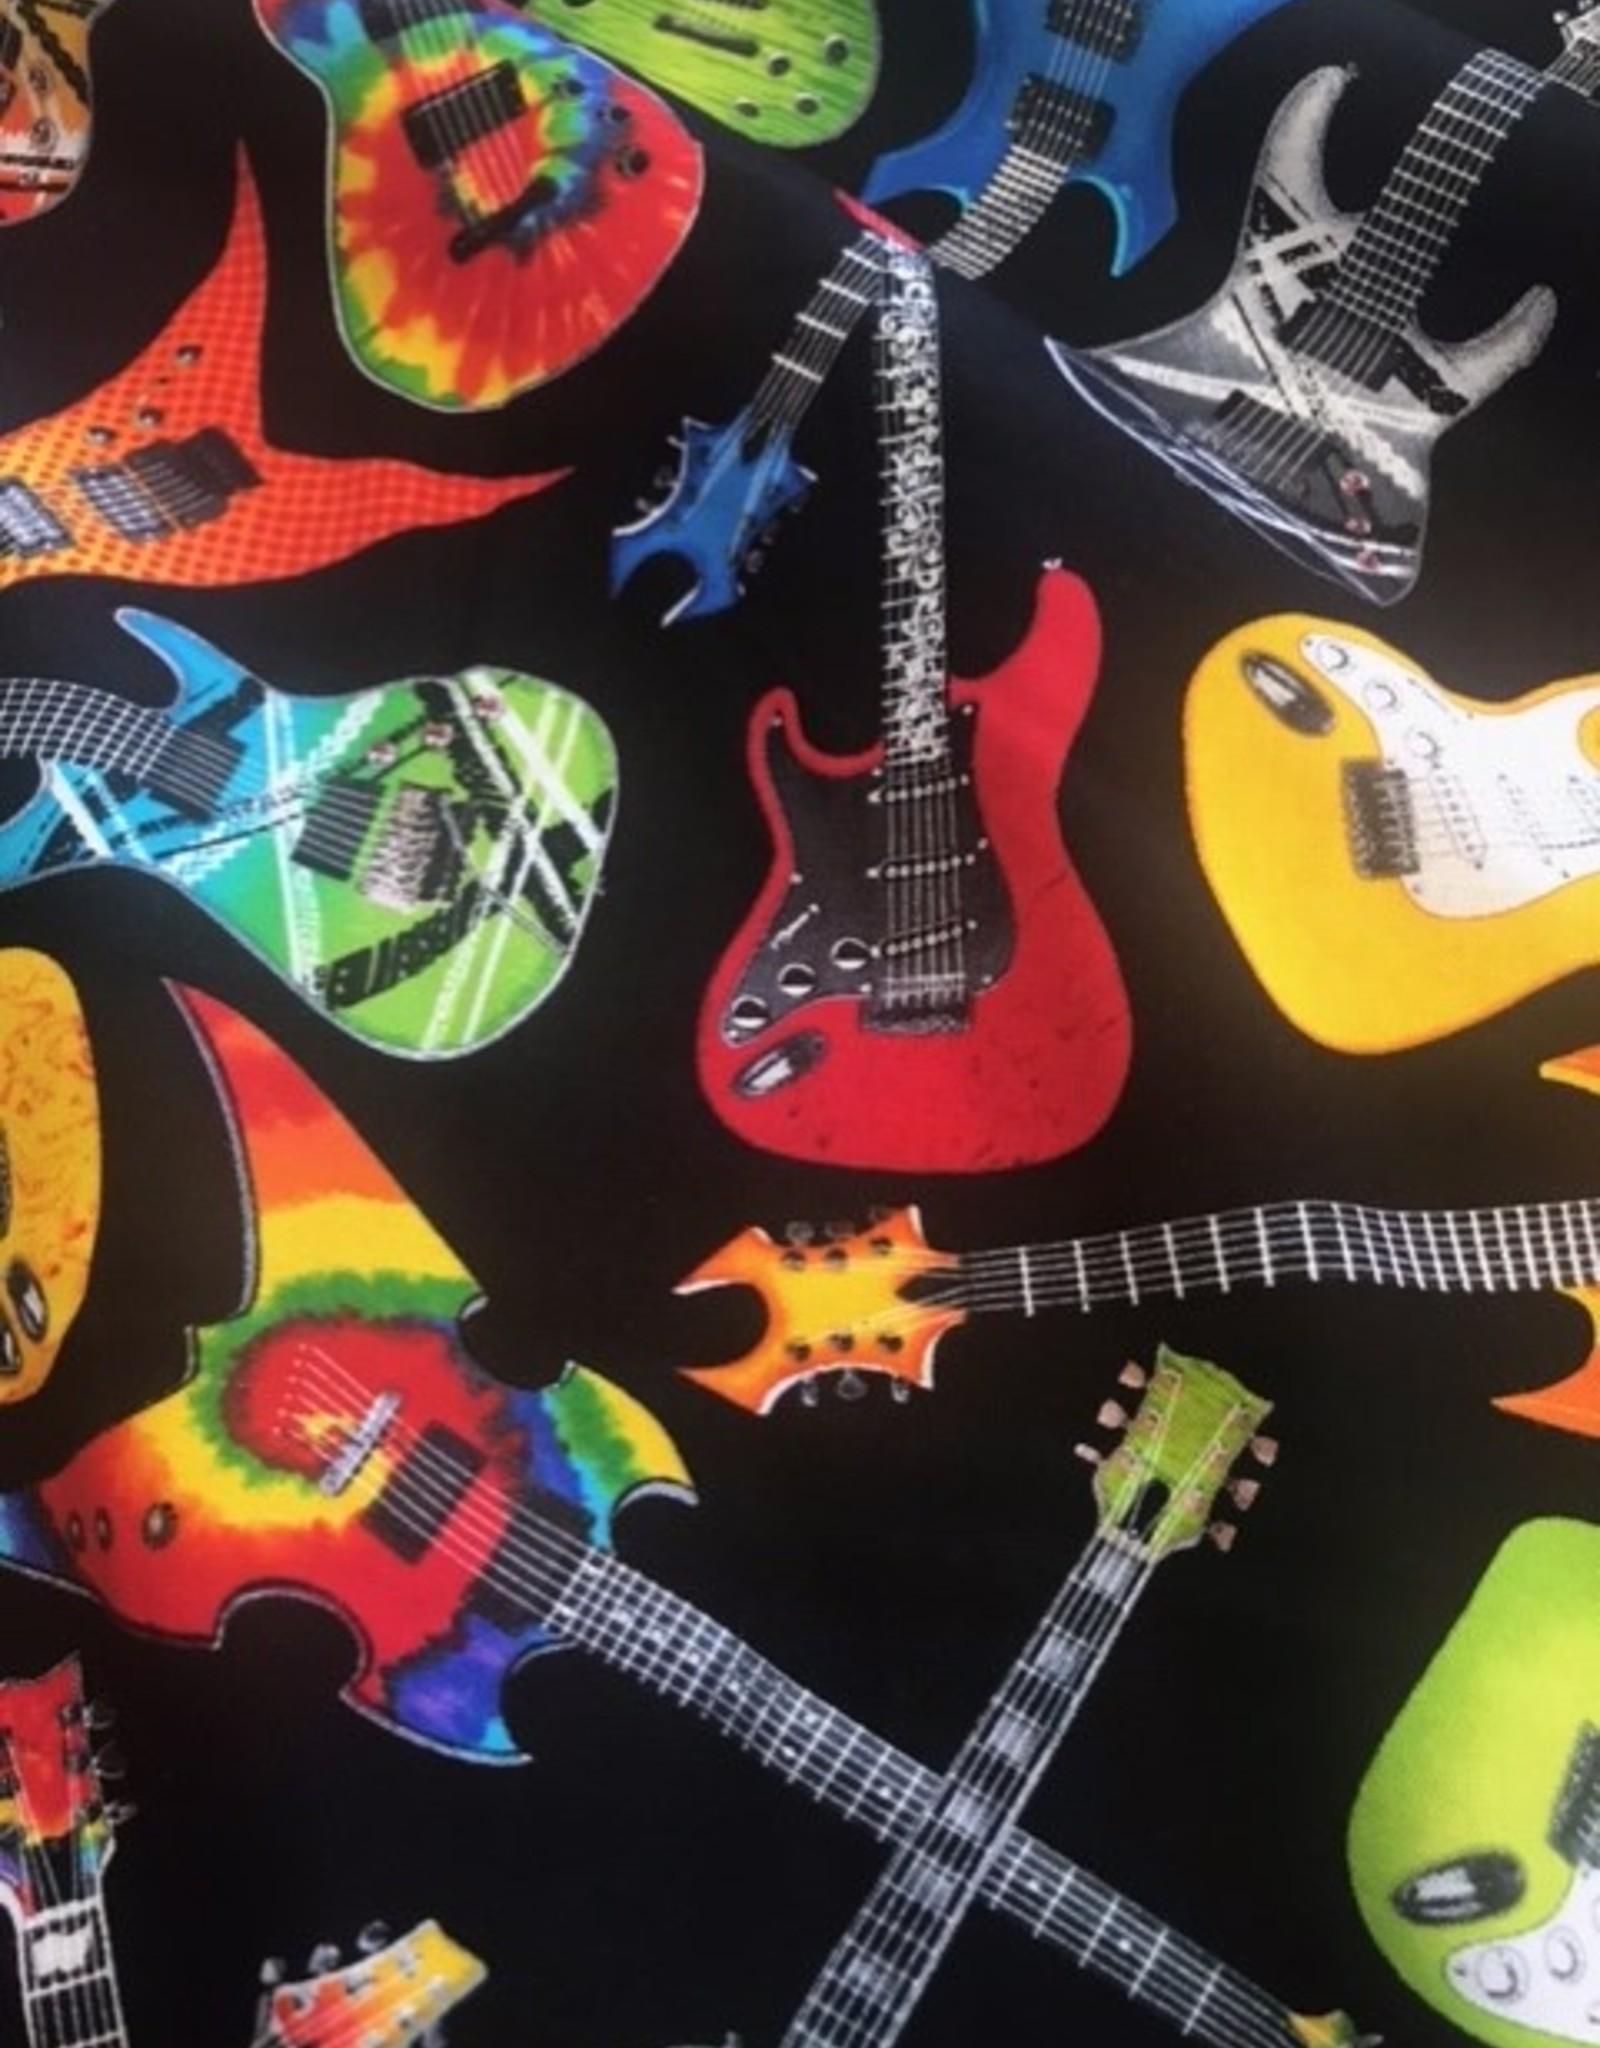 Black fun rock guitar - Timeless Treasures